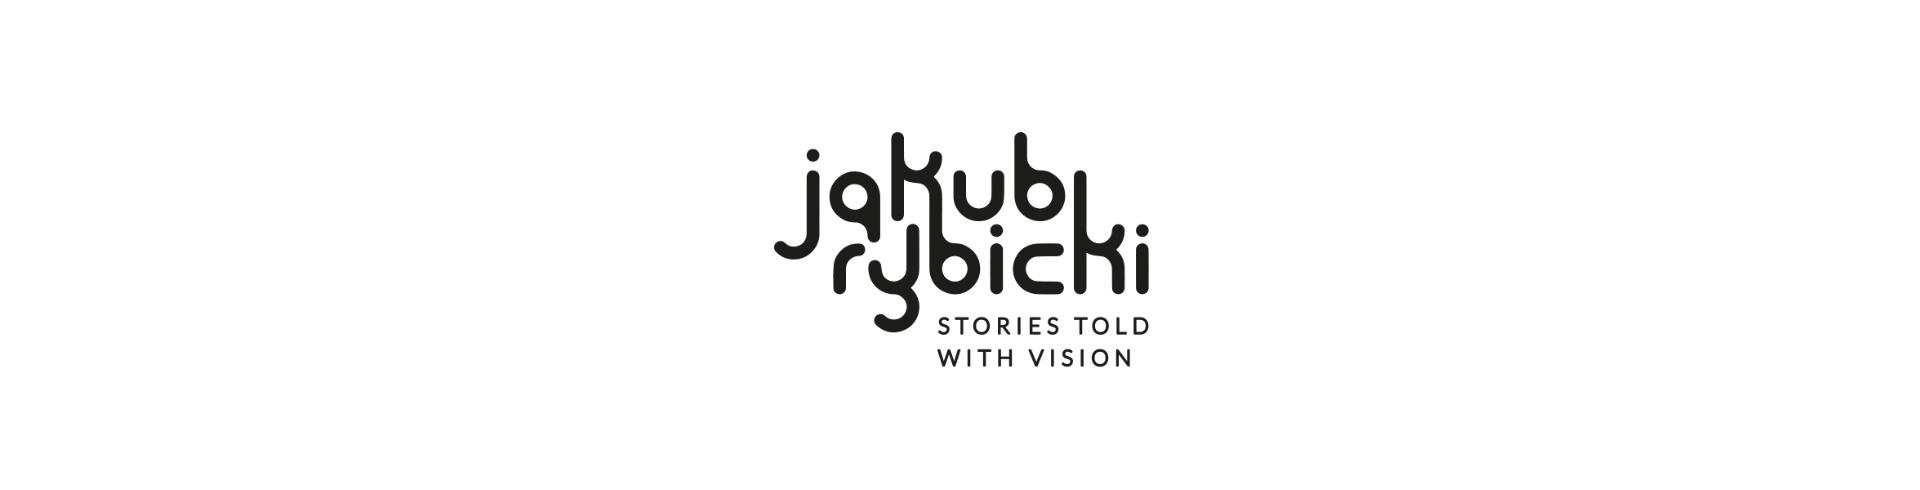 Example of unique logo